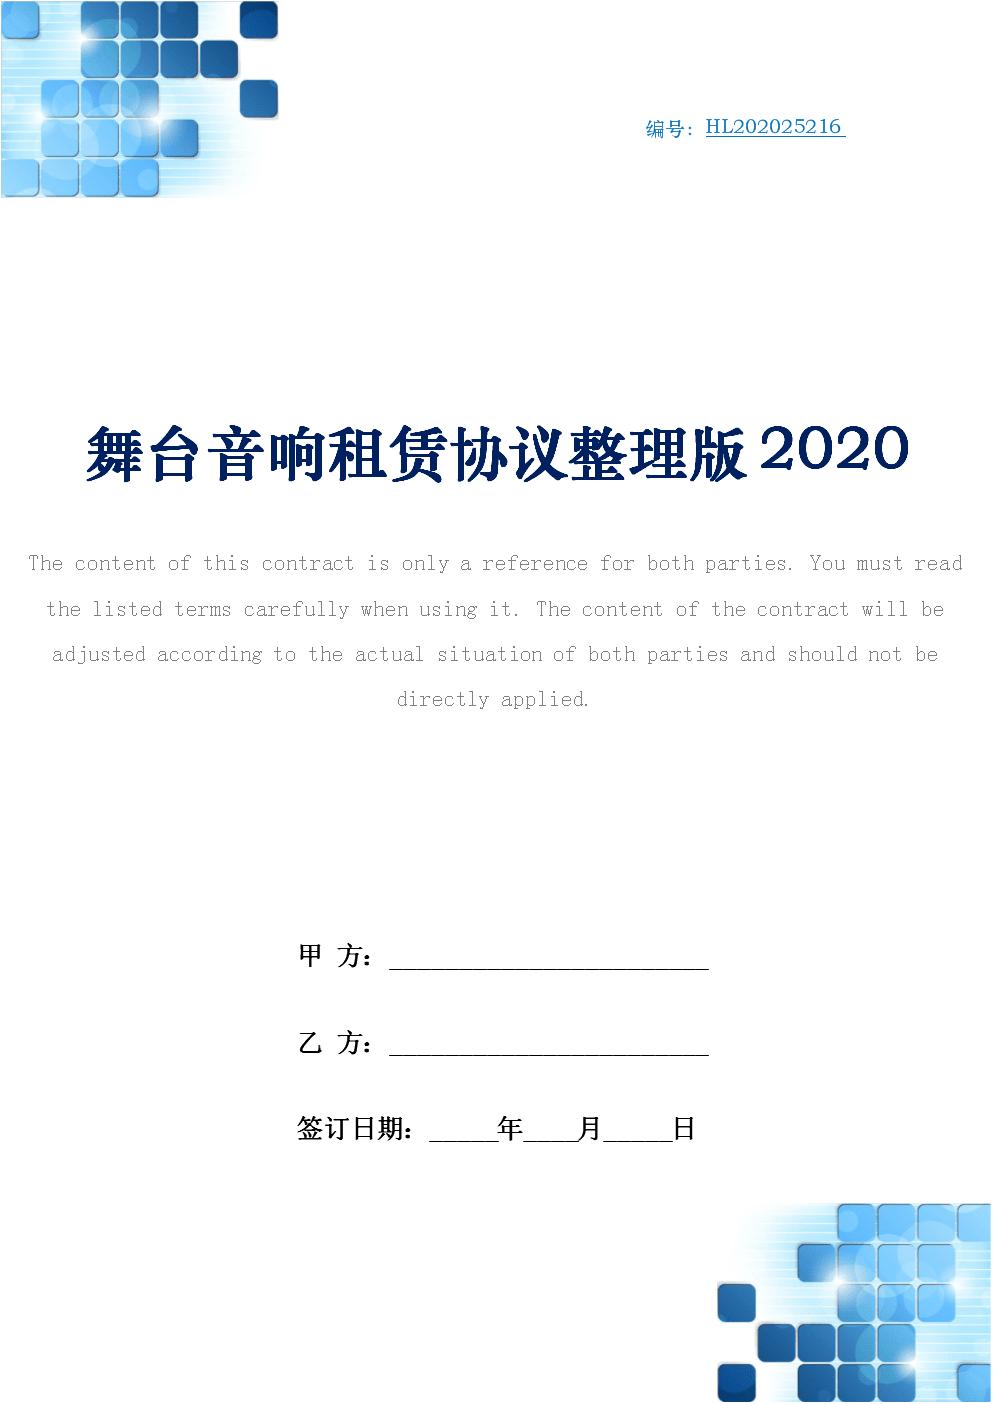 舞台音响租赁协议整理版2020.docx